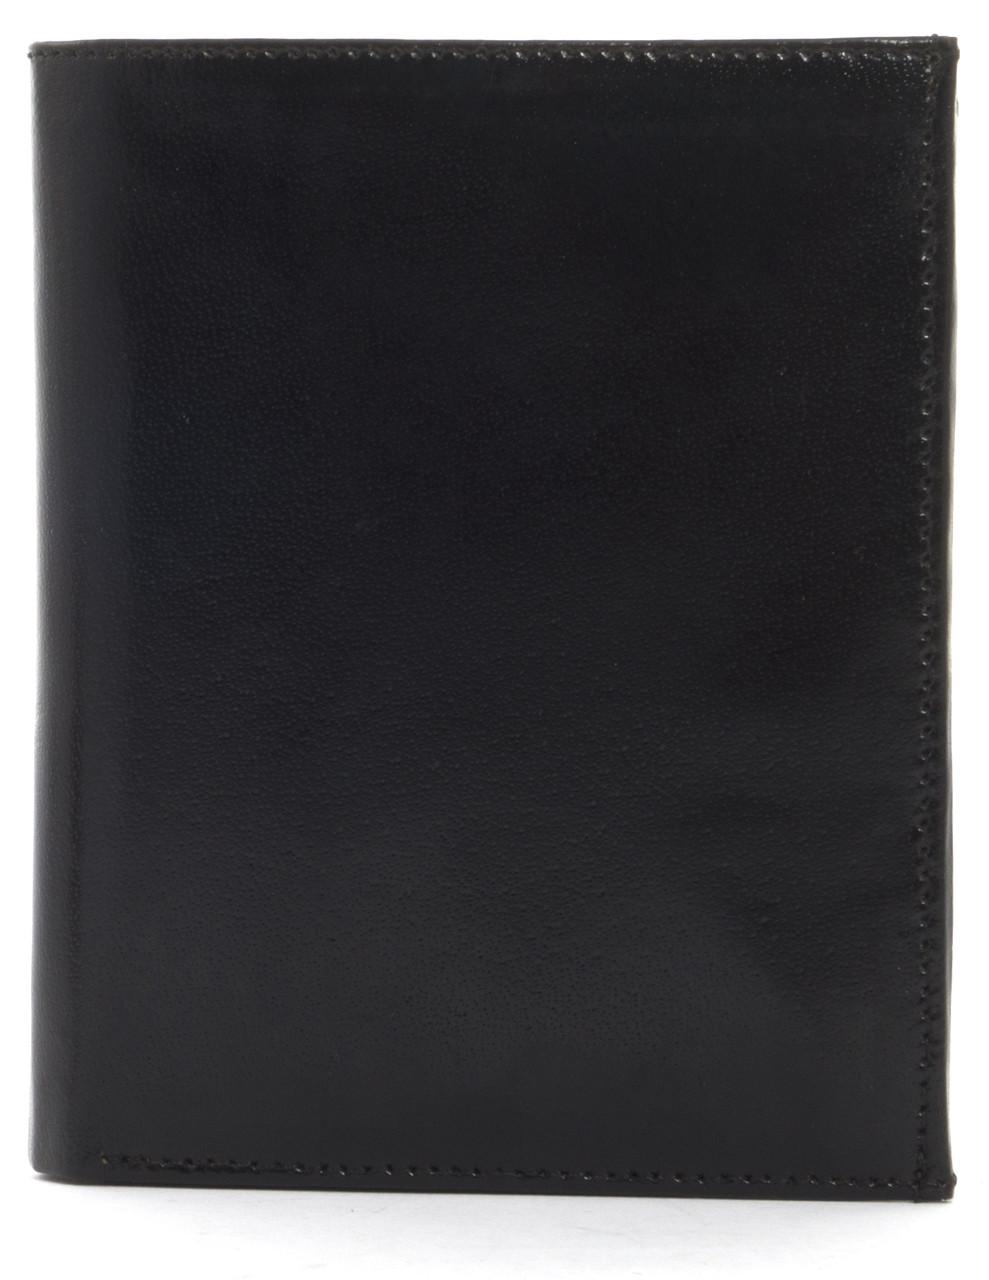 Кошелек мужской кожаный с большим количеством отделений BON VOYAGE art. MN472 черный, шлифованная кожа